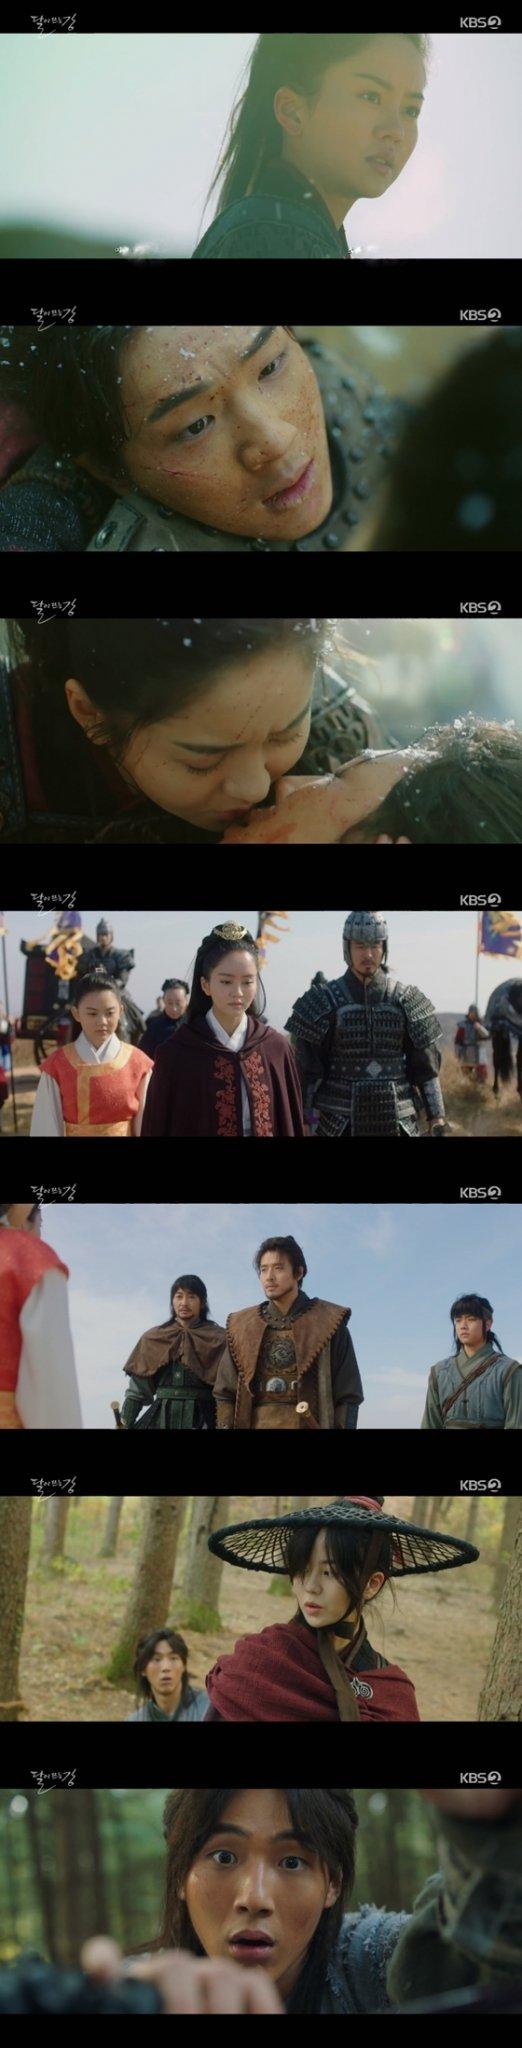 KBS 2TV 월화드라마 \'달이 뜨는 강\'에서 김소현, 지수가 각각 평강과 온달로 등장했다./사진=KBS 2TV 월화드라마 \'달이 뜨는 강\' 방송 화면 캡처